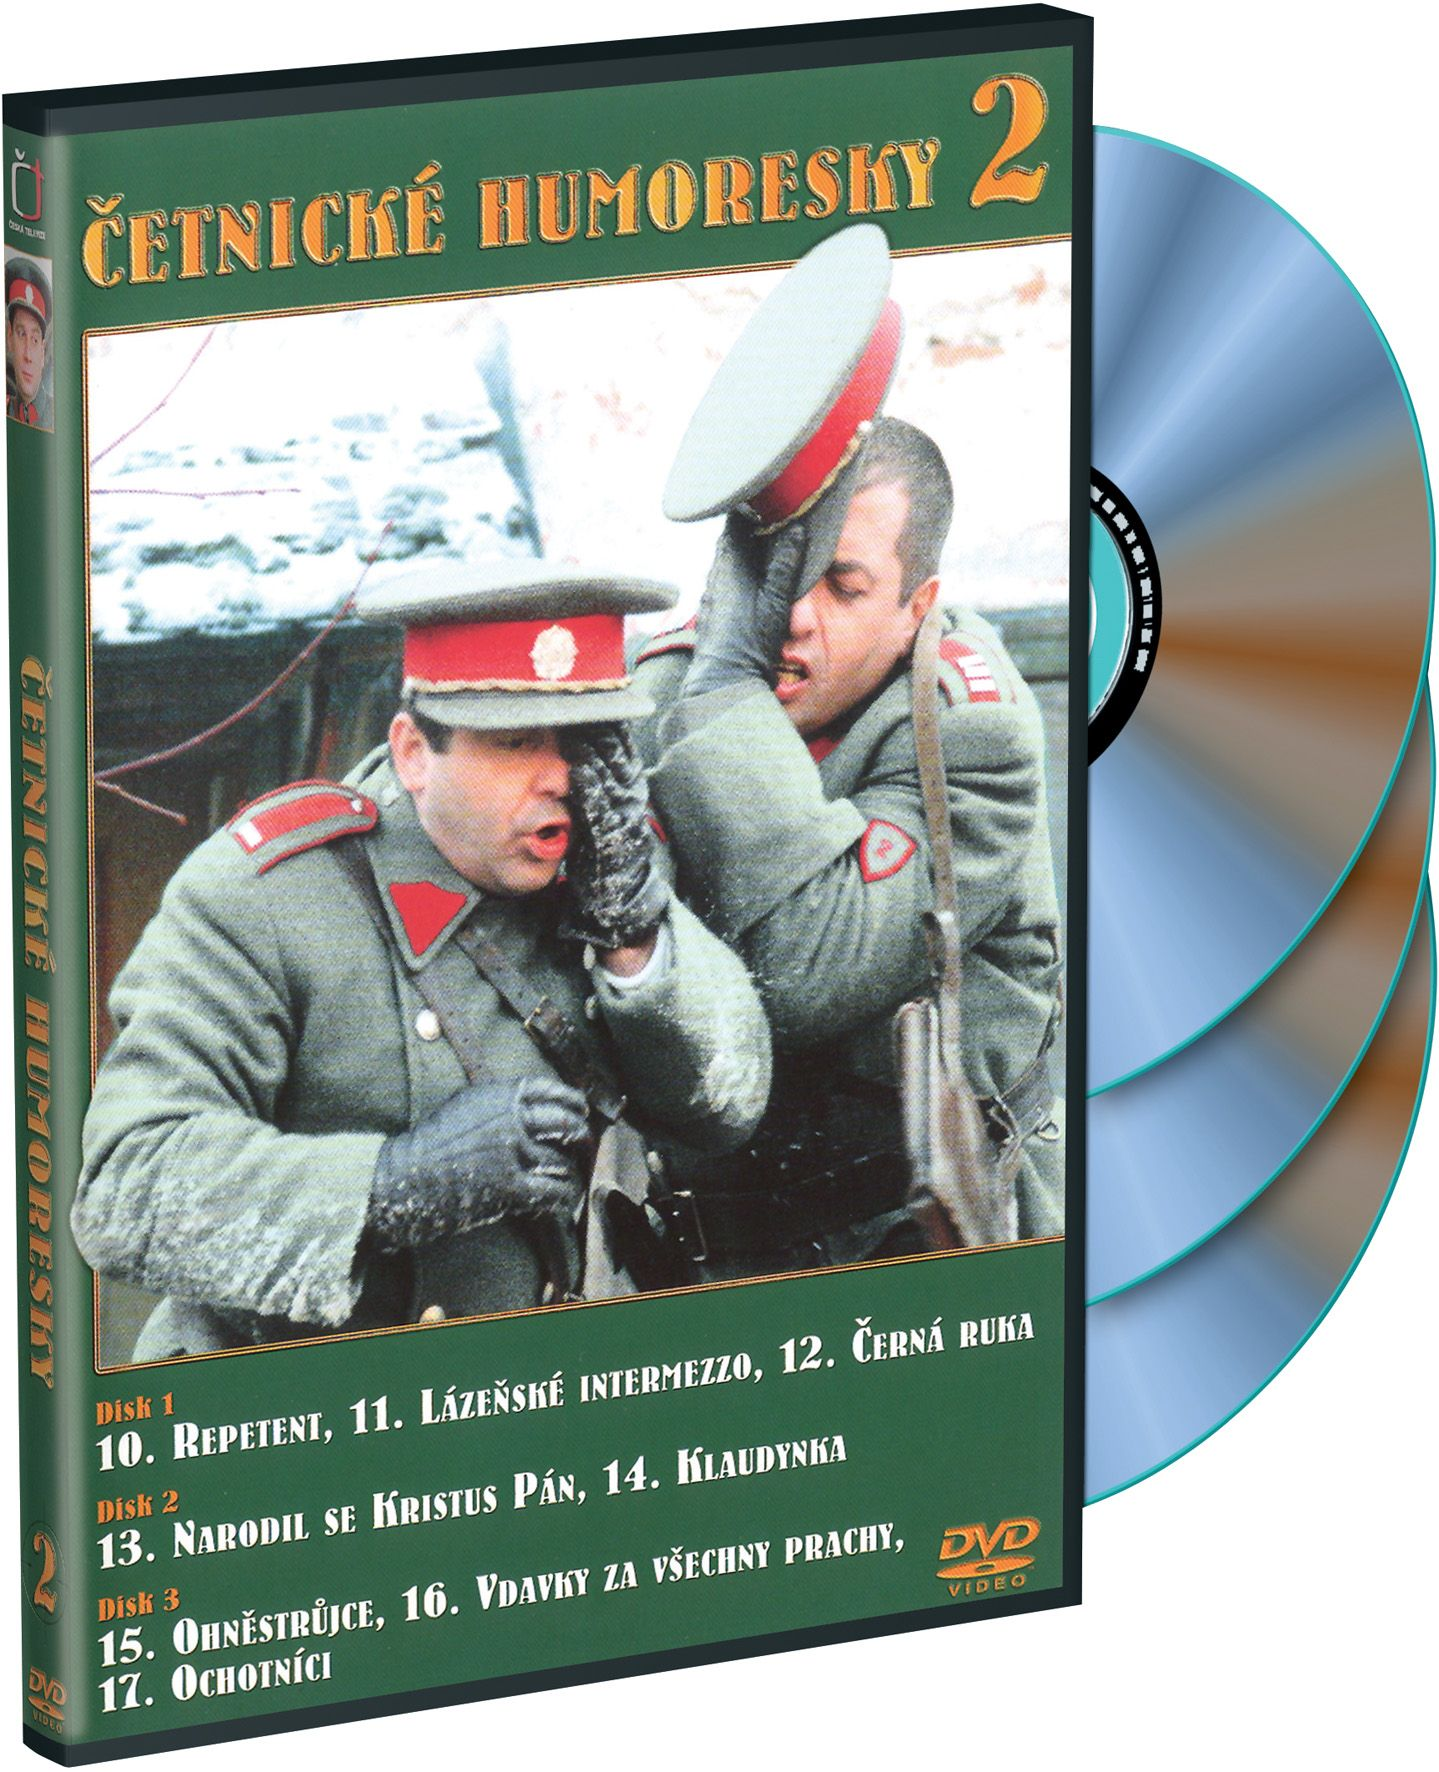 Četnické humoresky 2 3DVD (DVD)